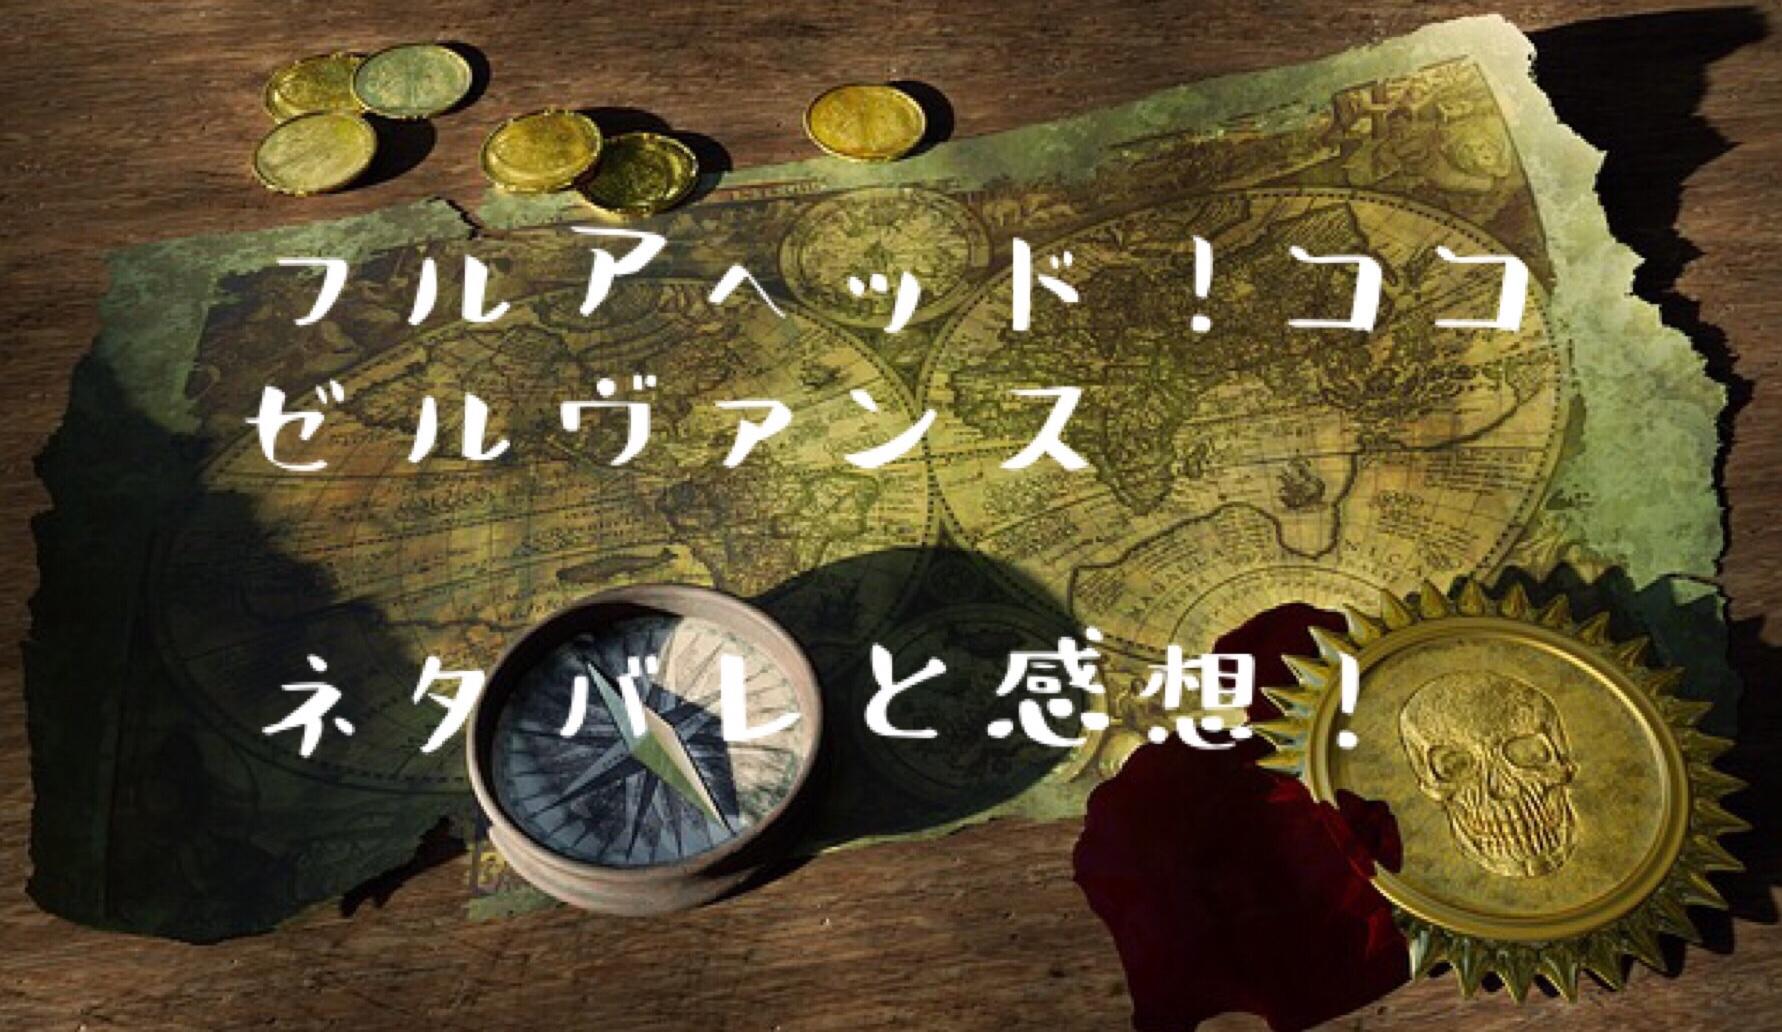 フルアヘッド!ココ ゼルヴァンス 3巻のネタバレと感想!